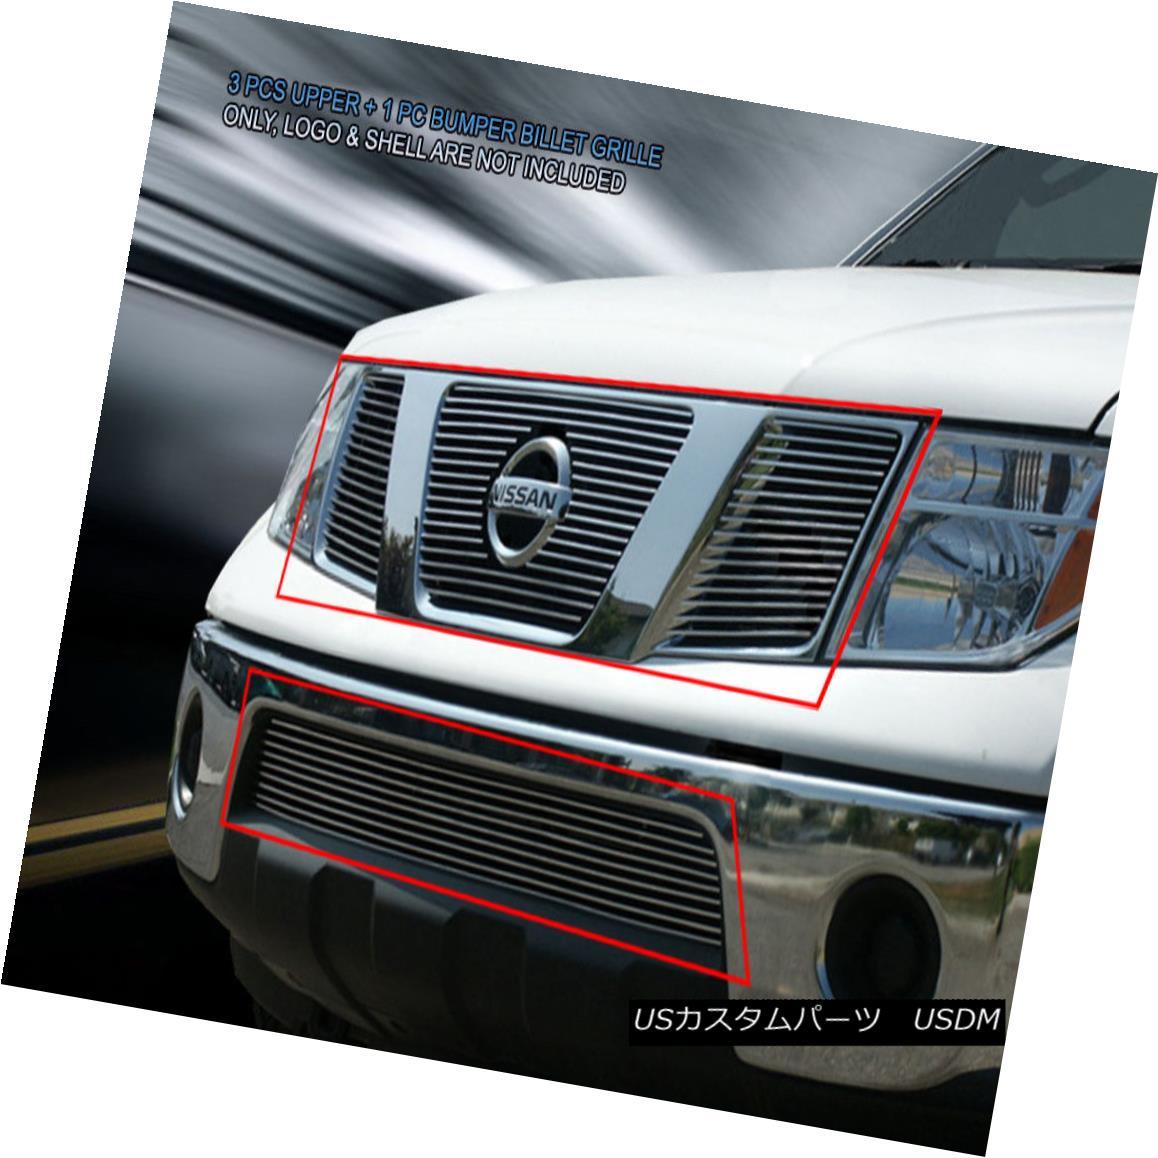 グリル Fits 05-08 Nissan Pathfinder Frontier Billet Grille Grill Combo Insert Fedar フィット05-08日産パスファインダーフロンティアビレットグリルグリルコンボインサートFedar